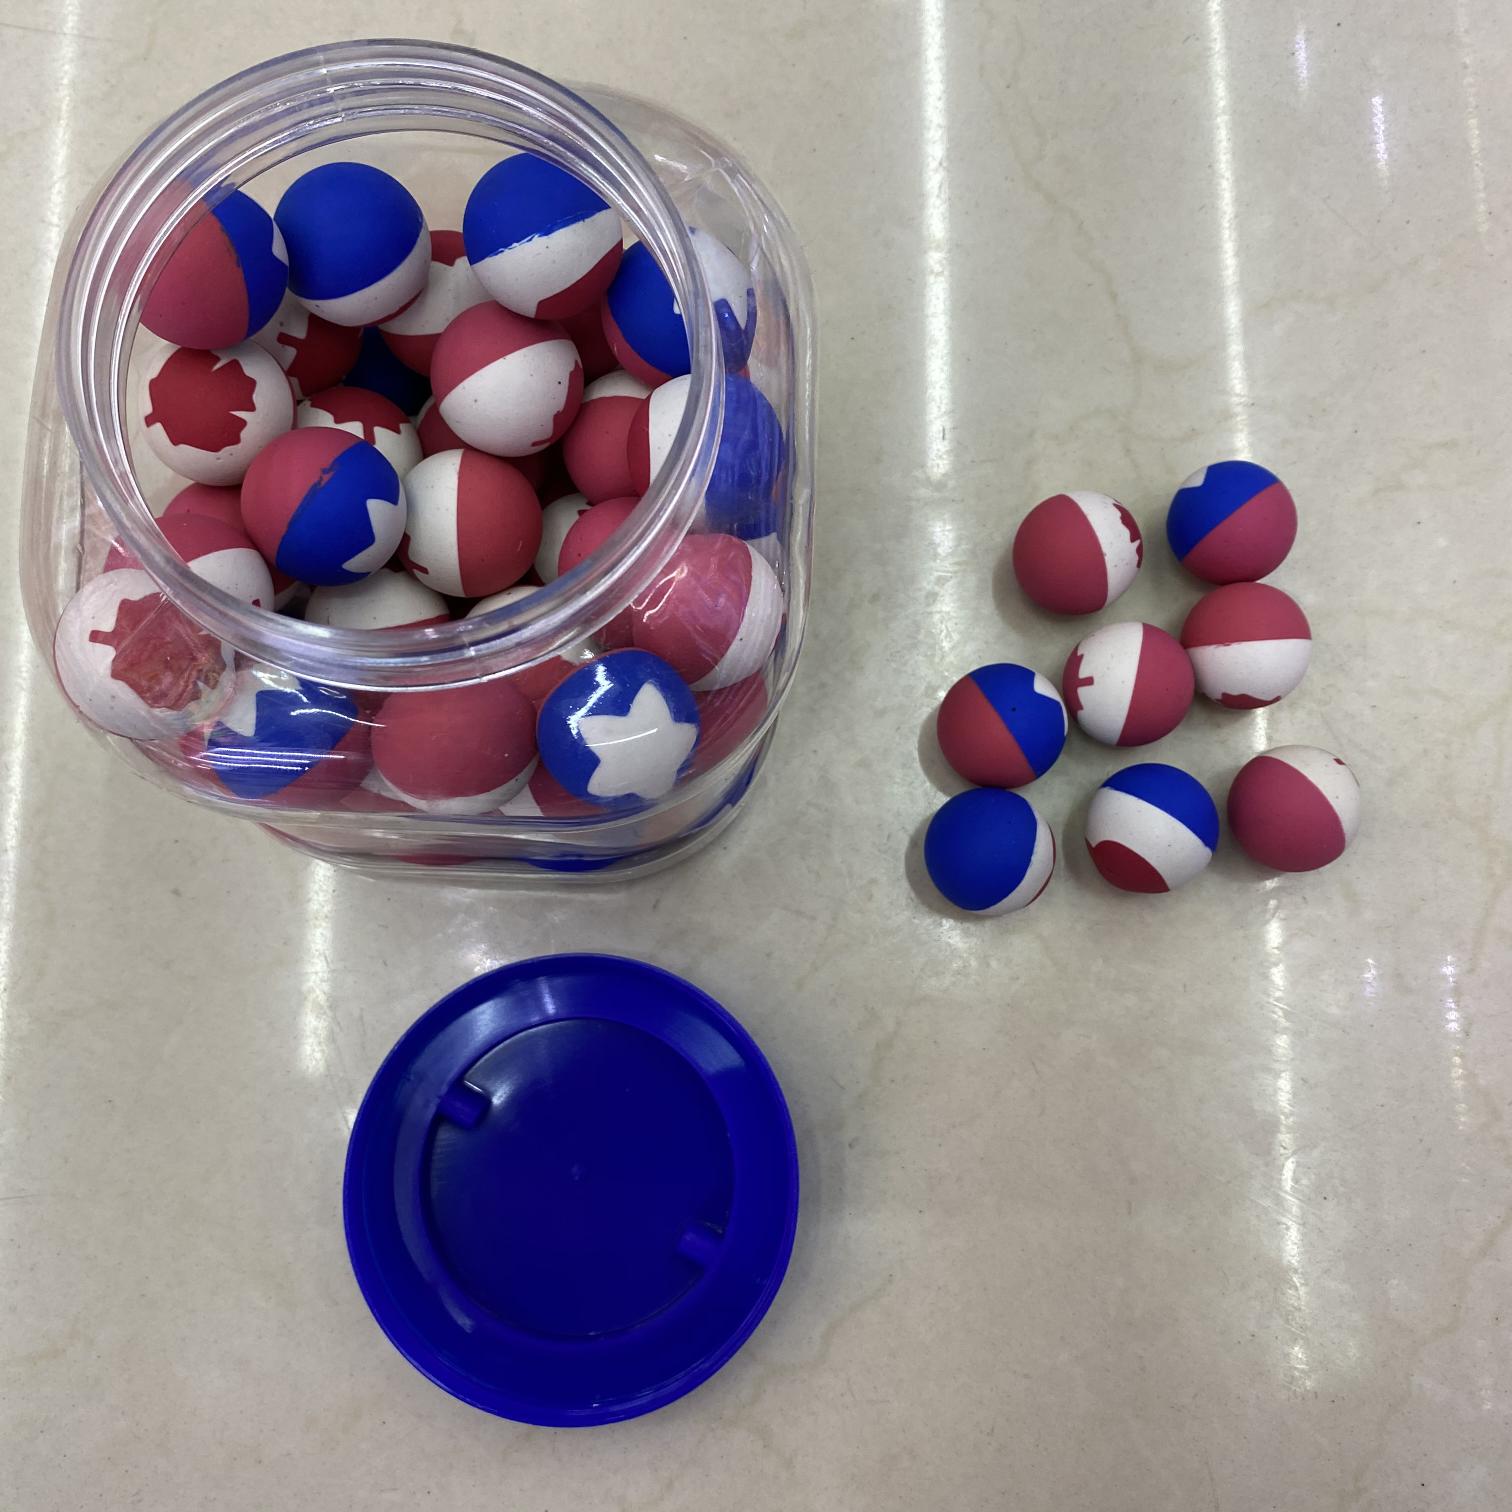 义乌好货 厂家直销 橡胶实心弹力球弹跳球 儿童玩具一元扭蛋机